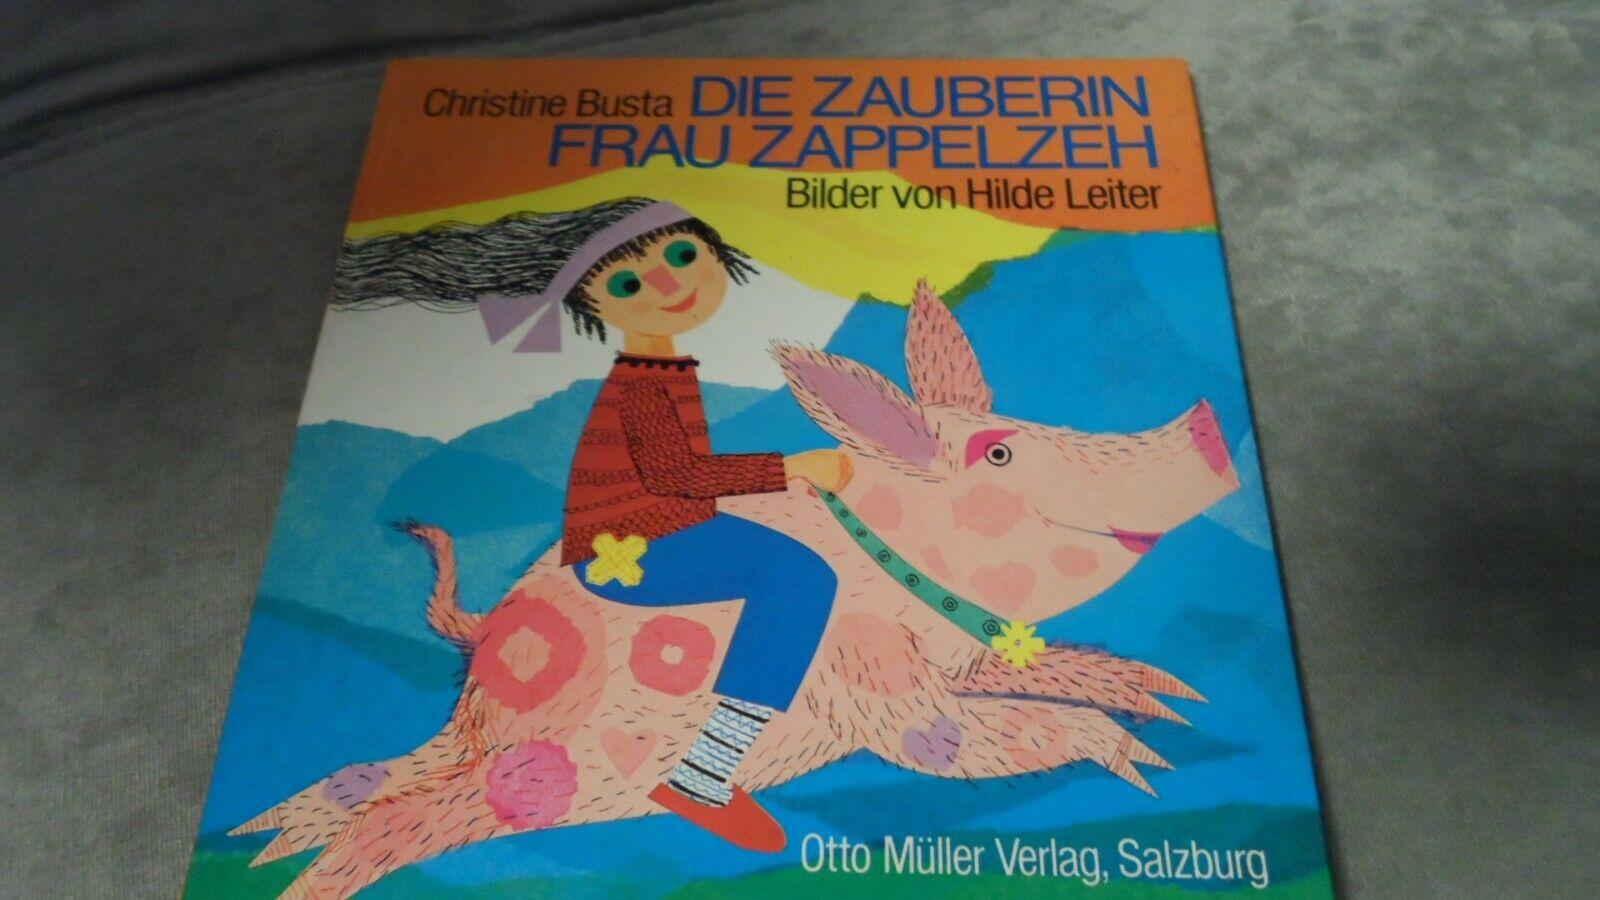 Juli63.Christine Busta Die Zauberin Frau Zappelzeh Bilder von Hilde Leiter - Christine Busta